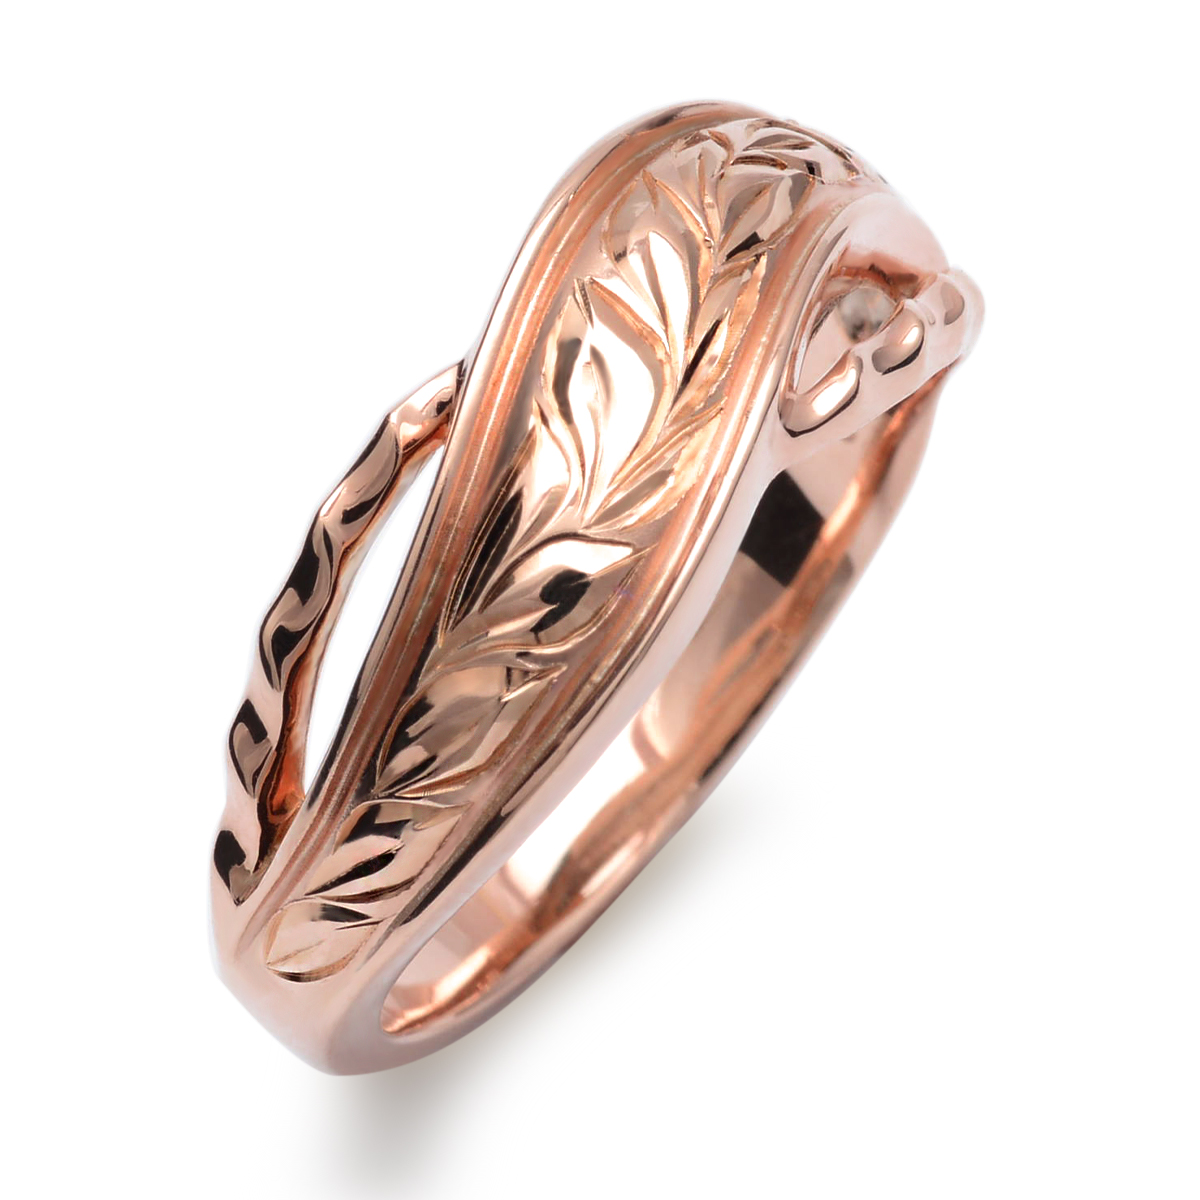 ハワイアンジュエリー リング 指輪 K10 ゴールド マイレウェーブリング 10金 k10 ゴールド イエローゴールド ピンクゴールド ari1457k10/新作